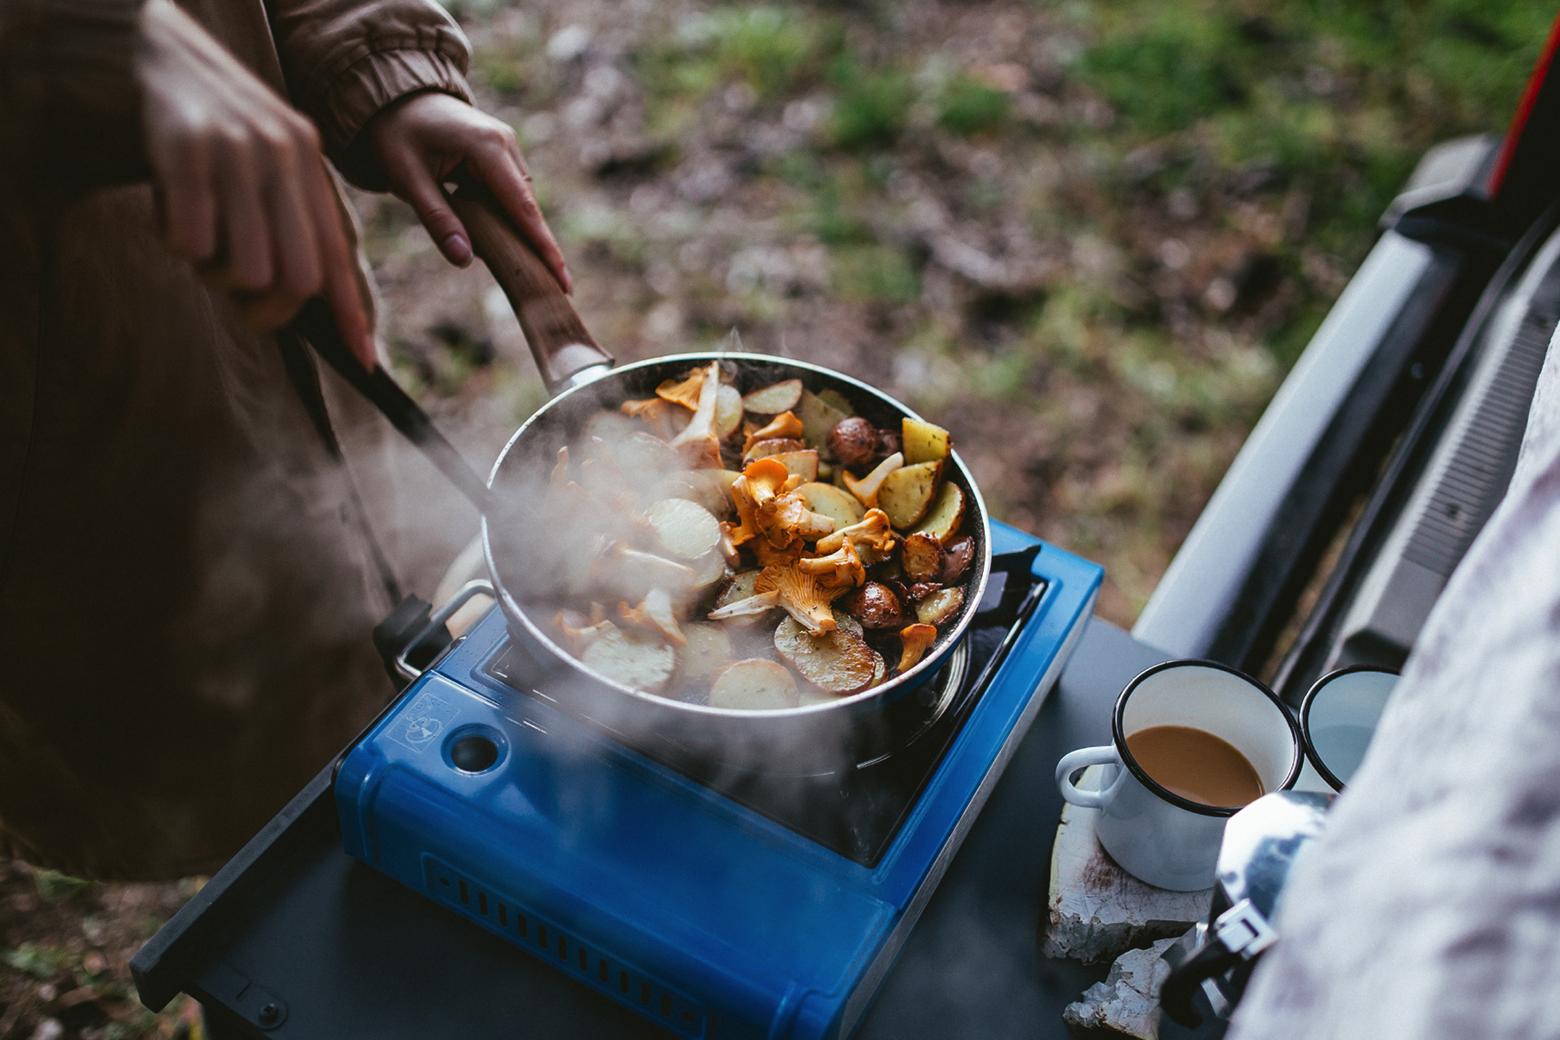 Eine Pilz-Kartoffel-Pfane wird im Kofferraum eines Autos auf einer mobilen Herdplatte gebraten.